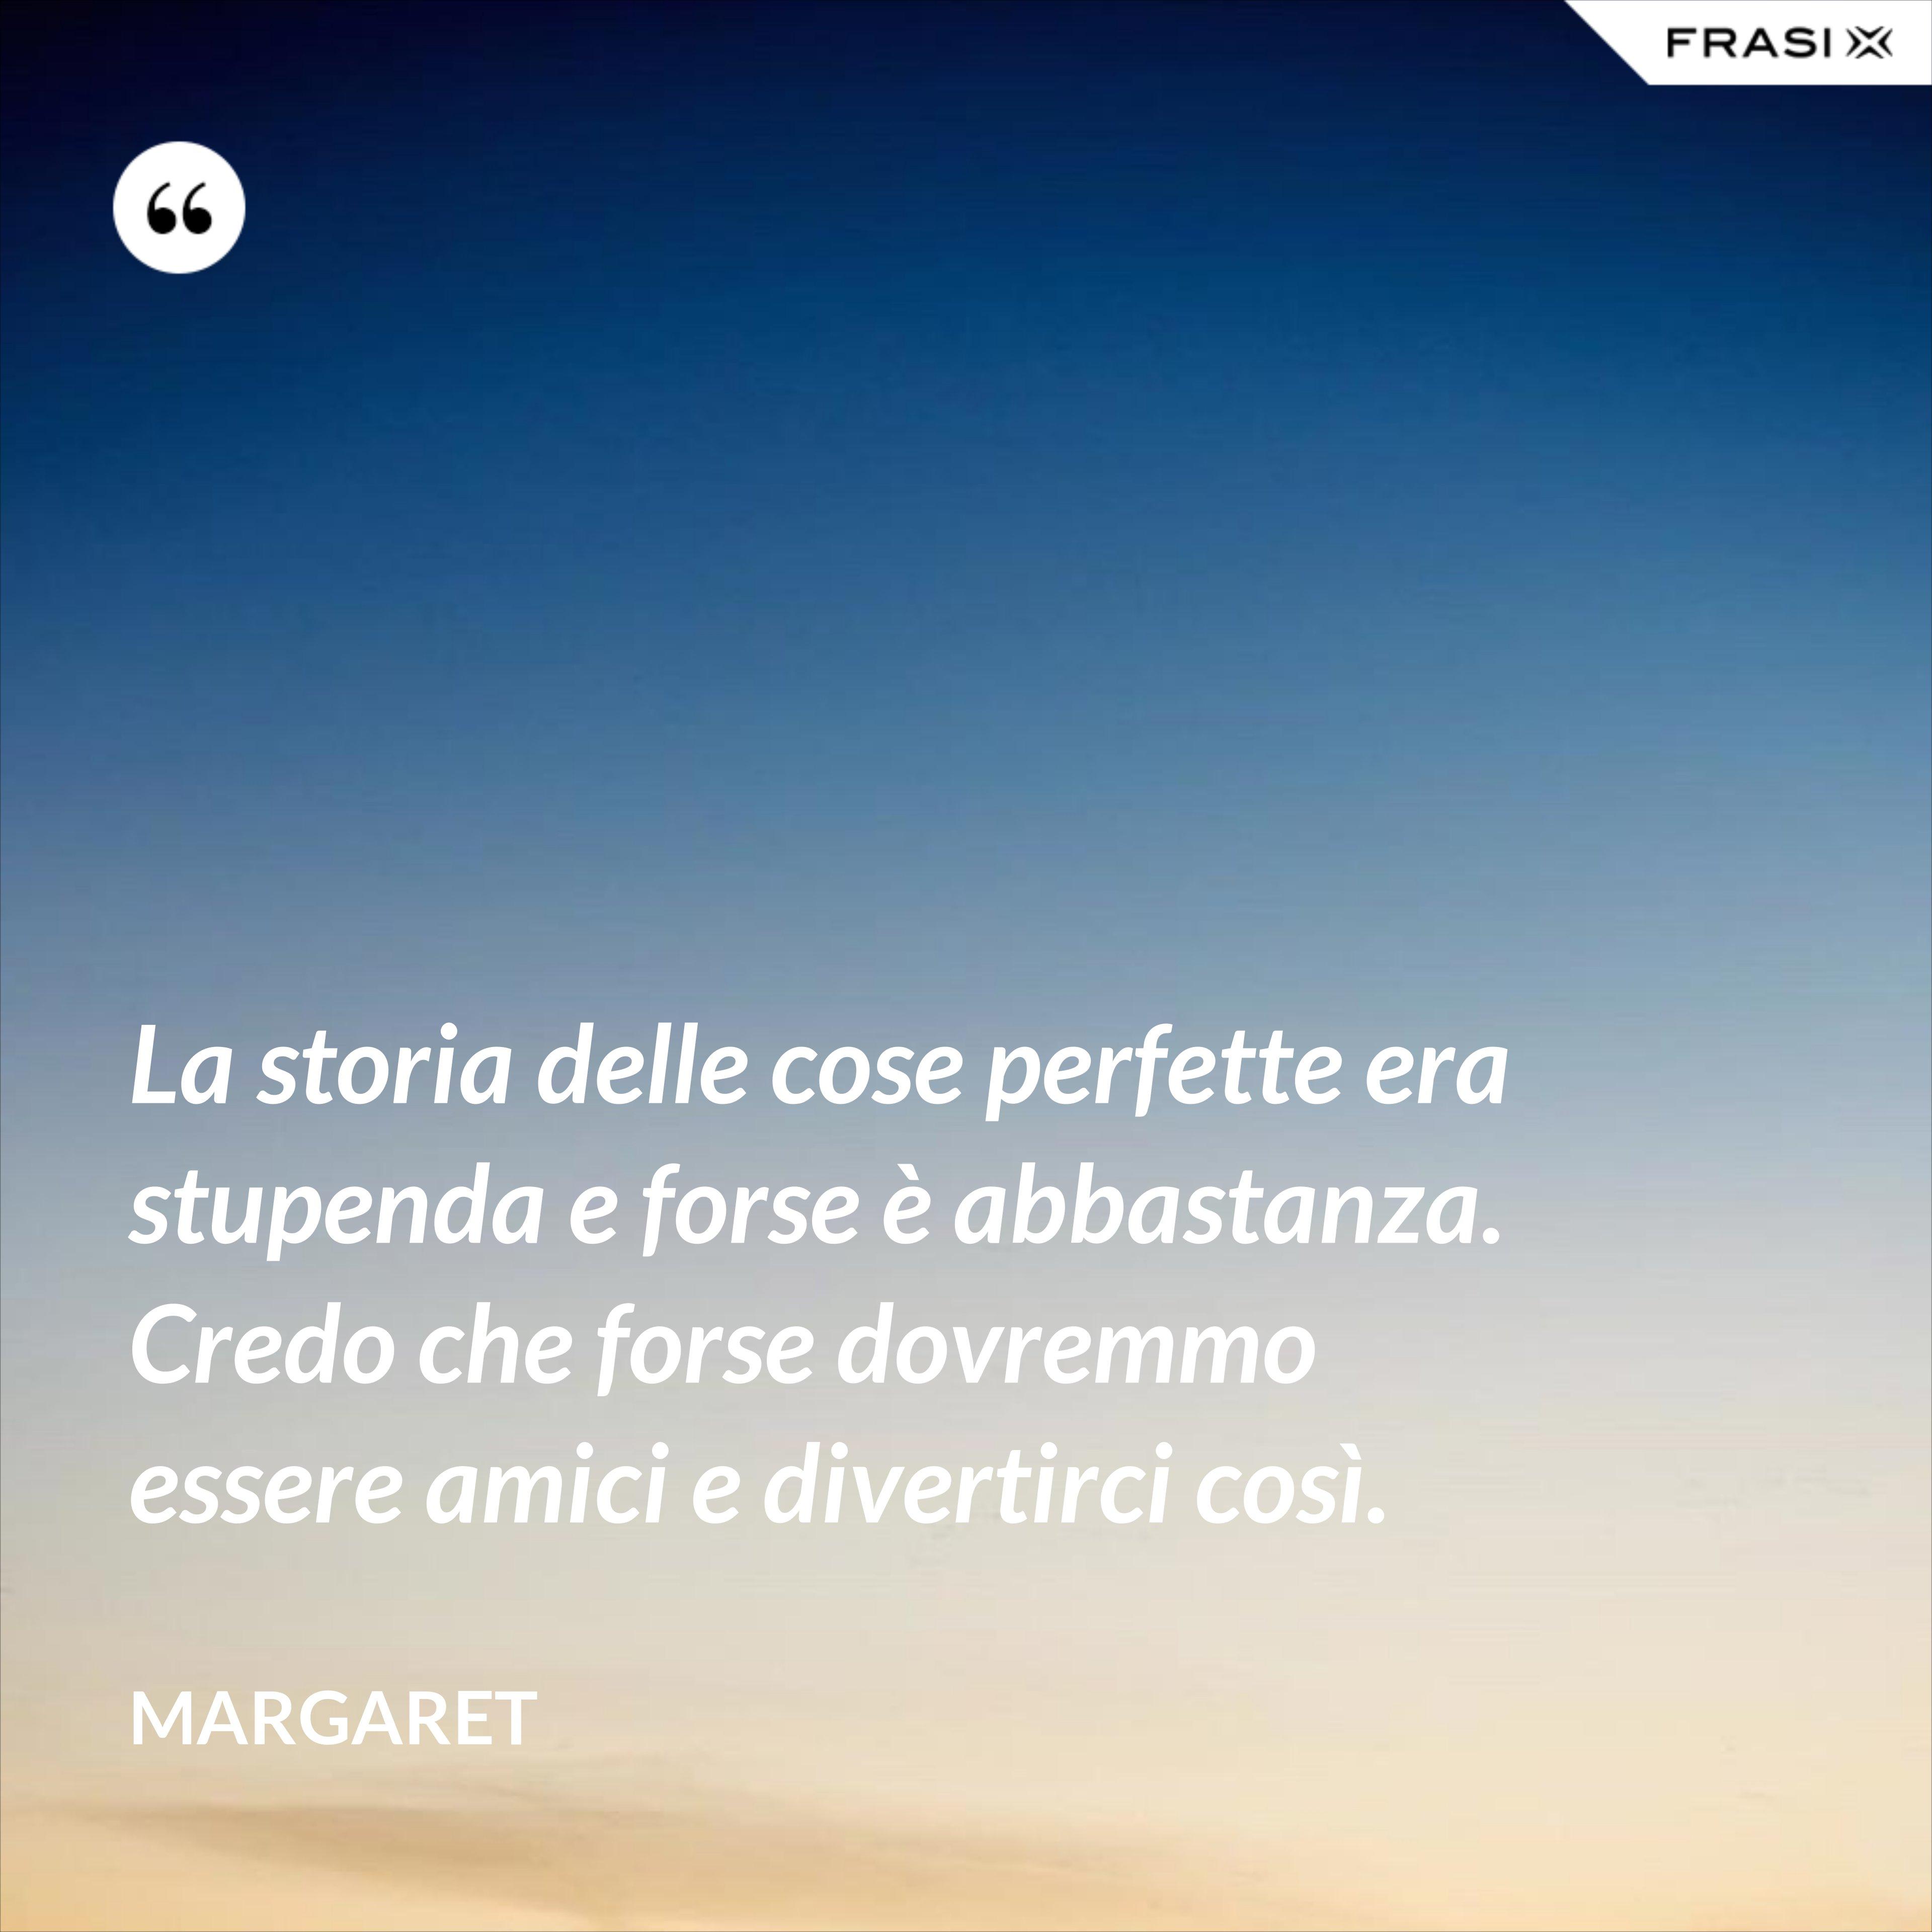 La storia delle cose perfette era stupenda e forse è abbastanza. Credo che forse dovremmo essere amici e divertirci così. - Margaret